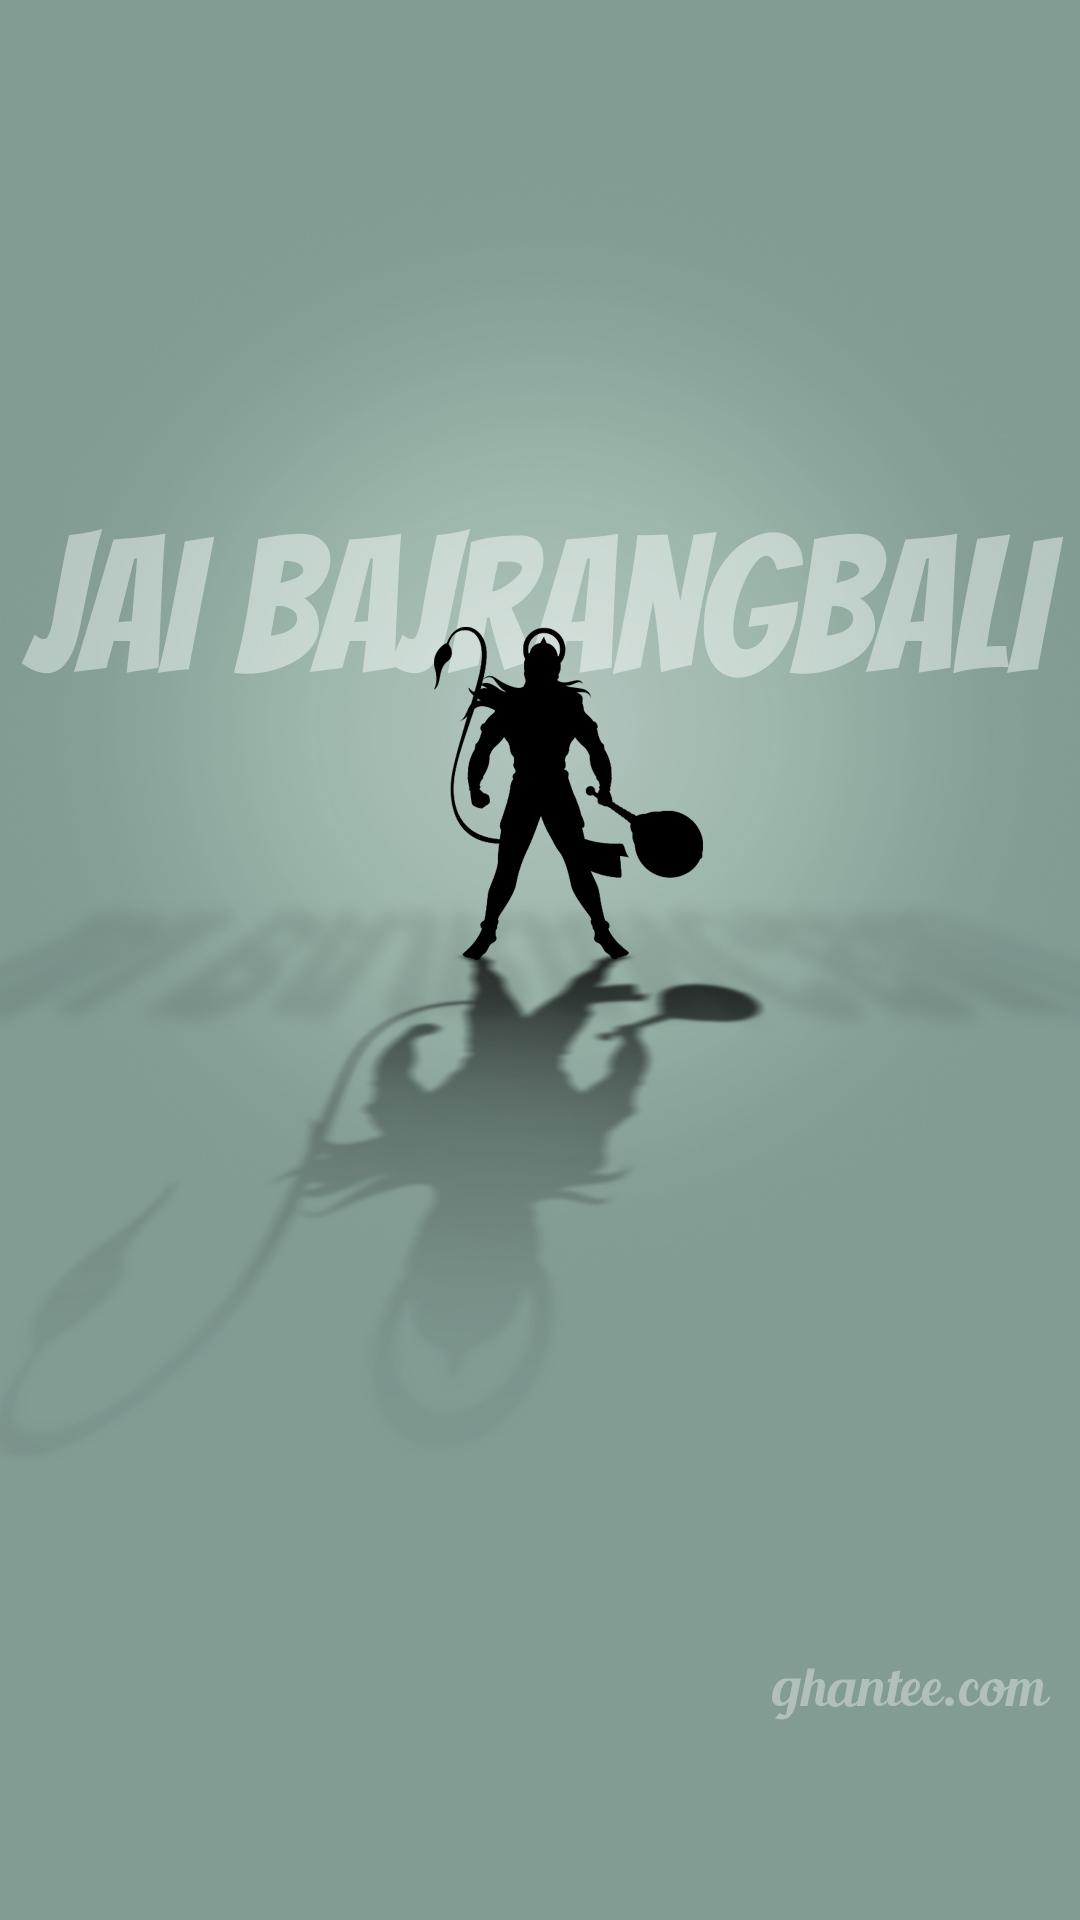 jai bajrangbali text HD wallpaper